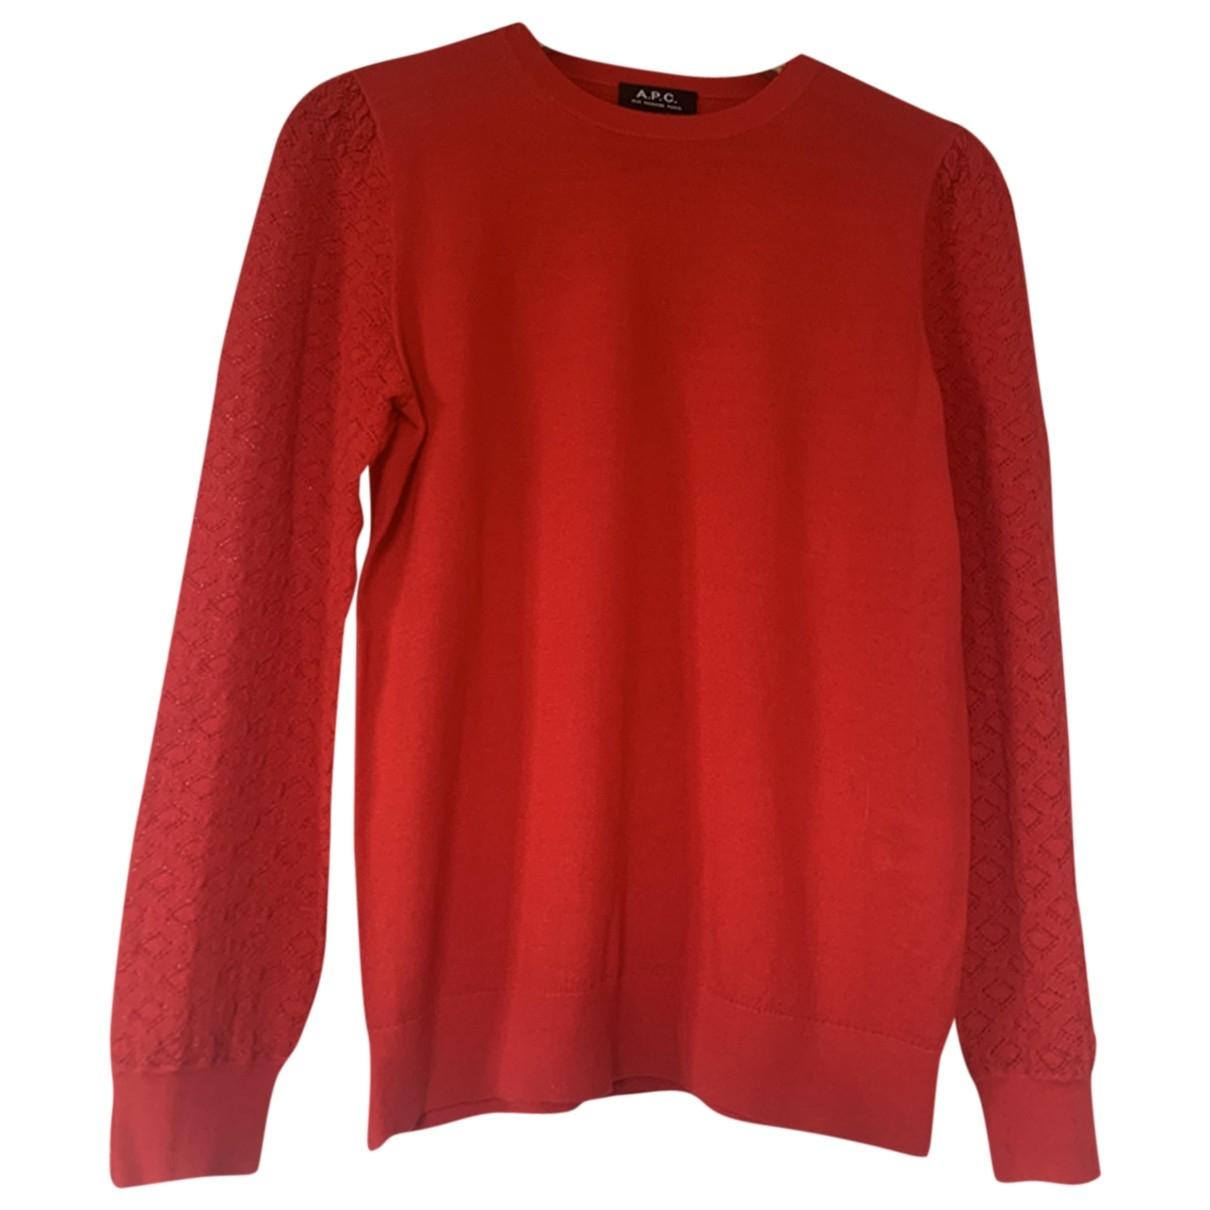 Apc - Pull   pour femme en coton - rouge